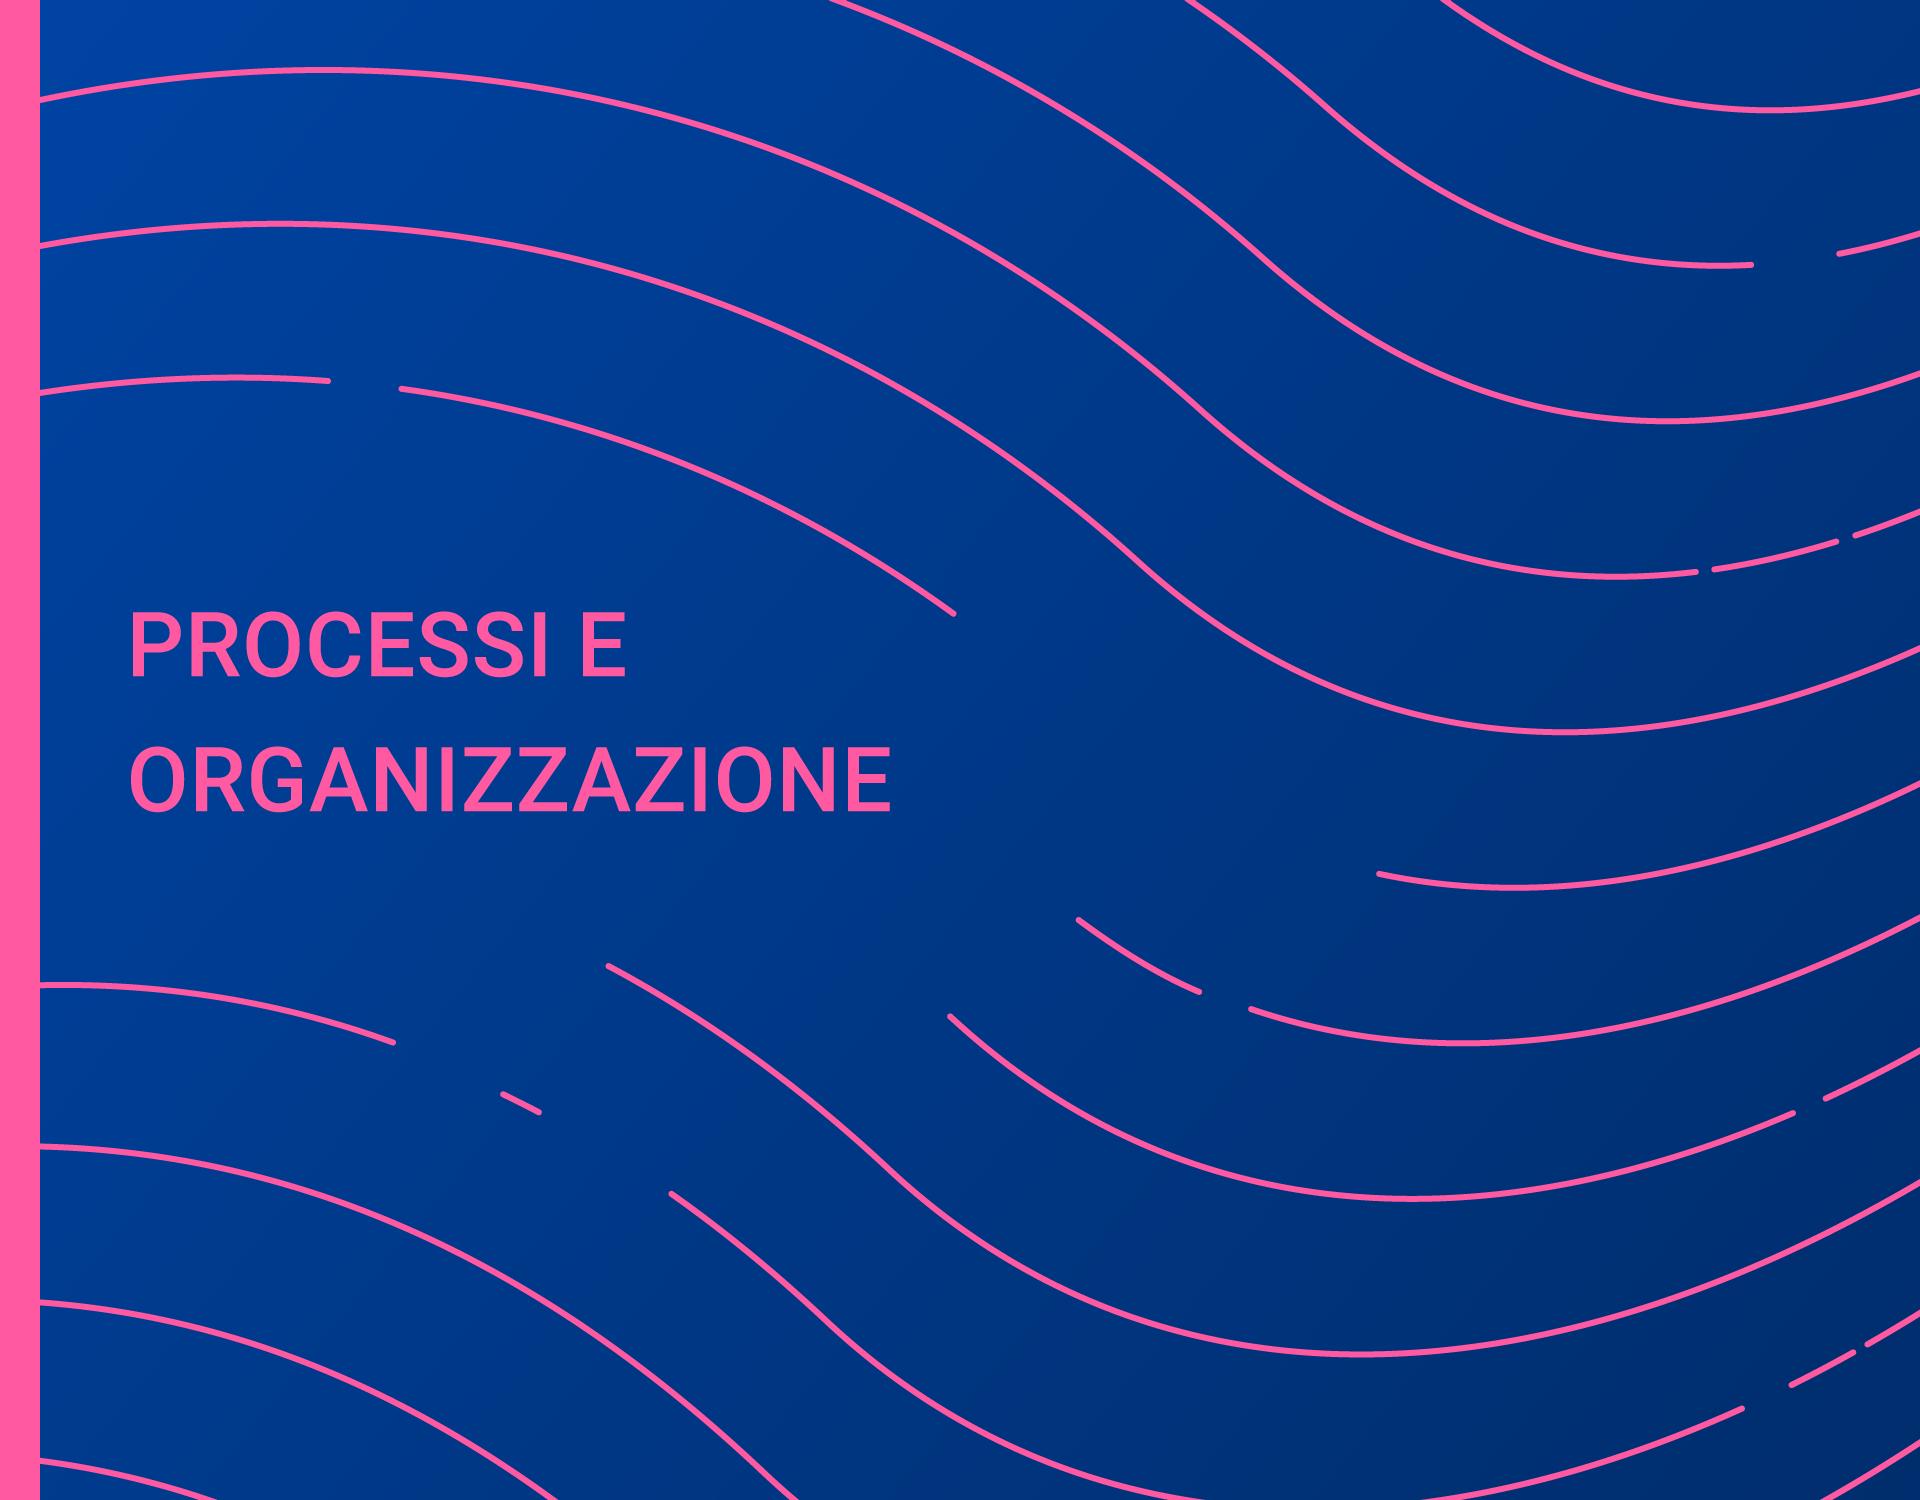 Rapporto Processi e Organizzazione 2019 - Organizzarsi per innovare